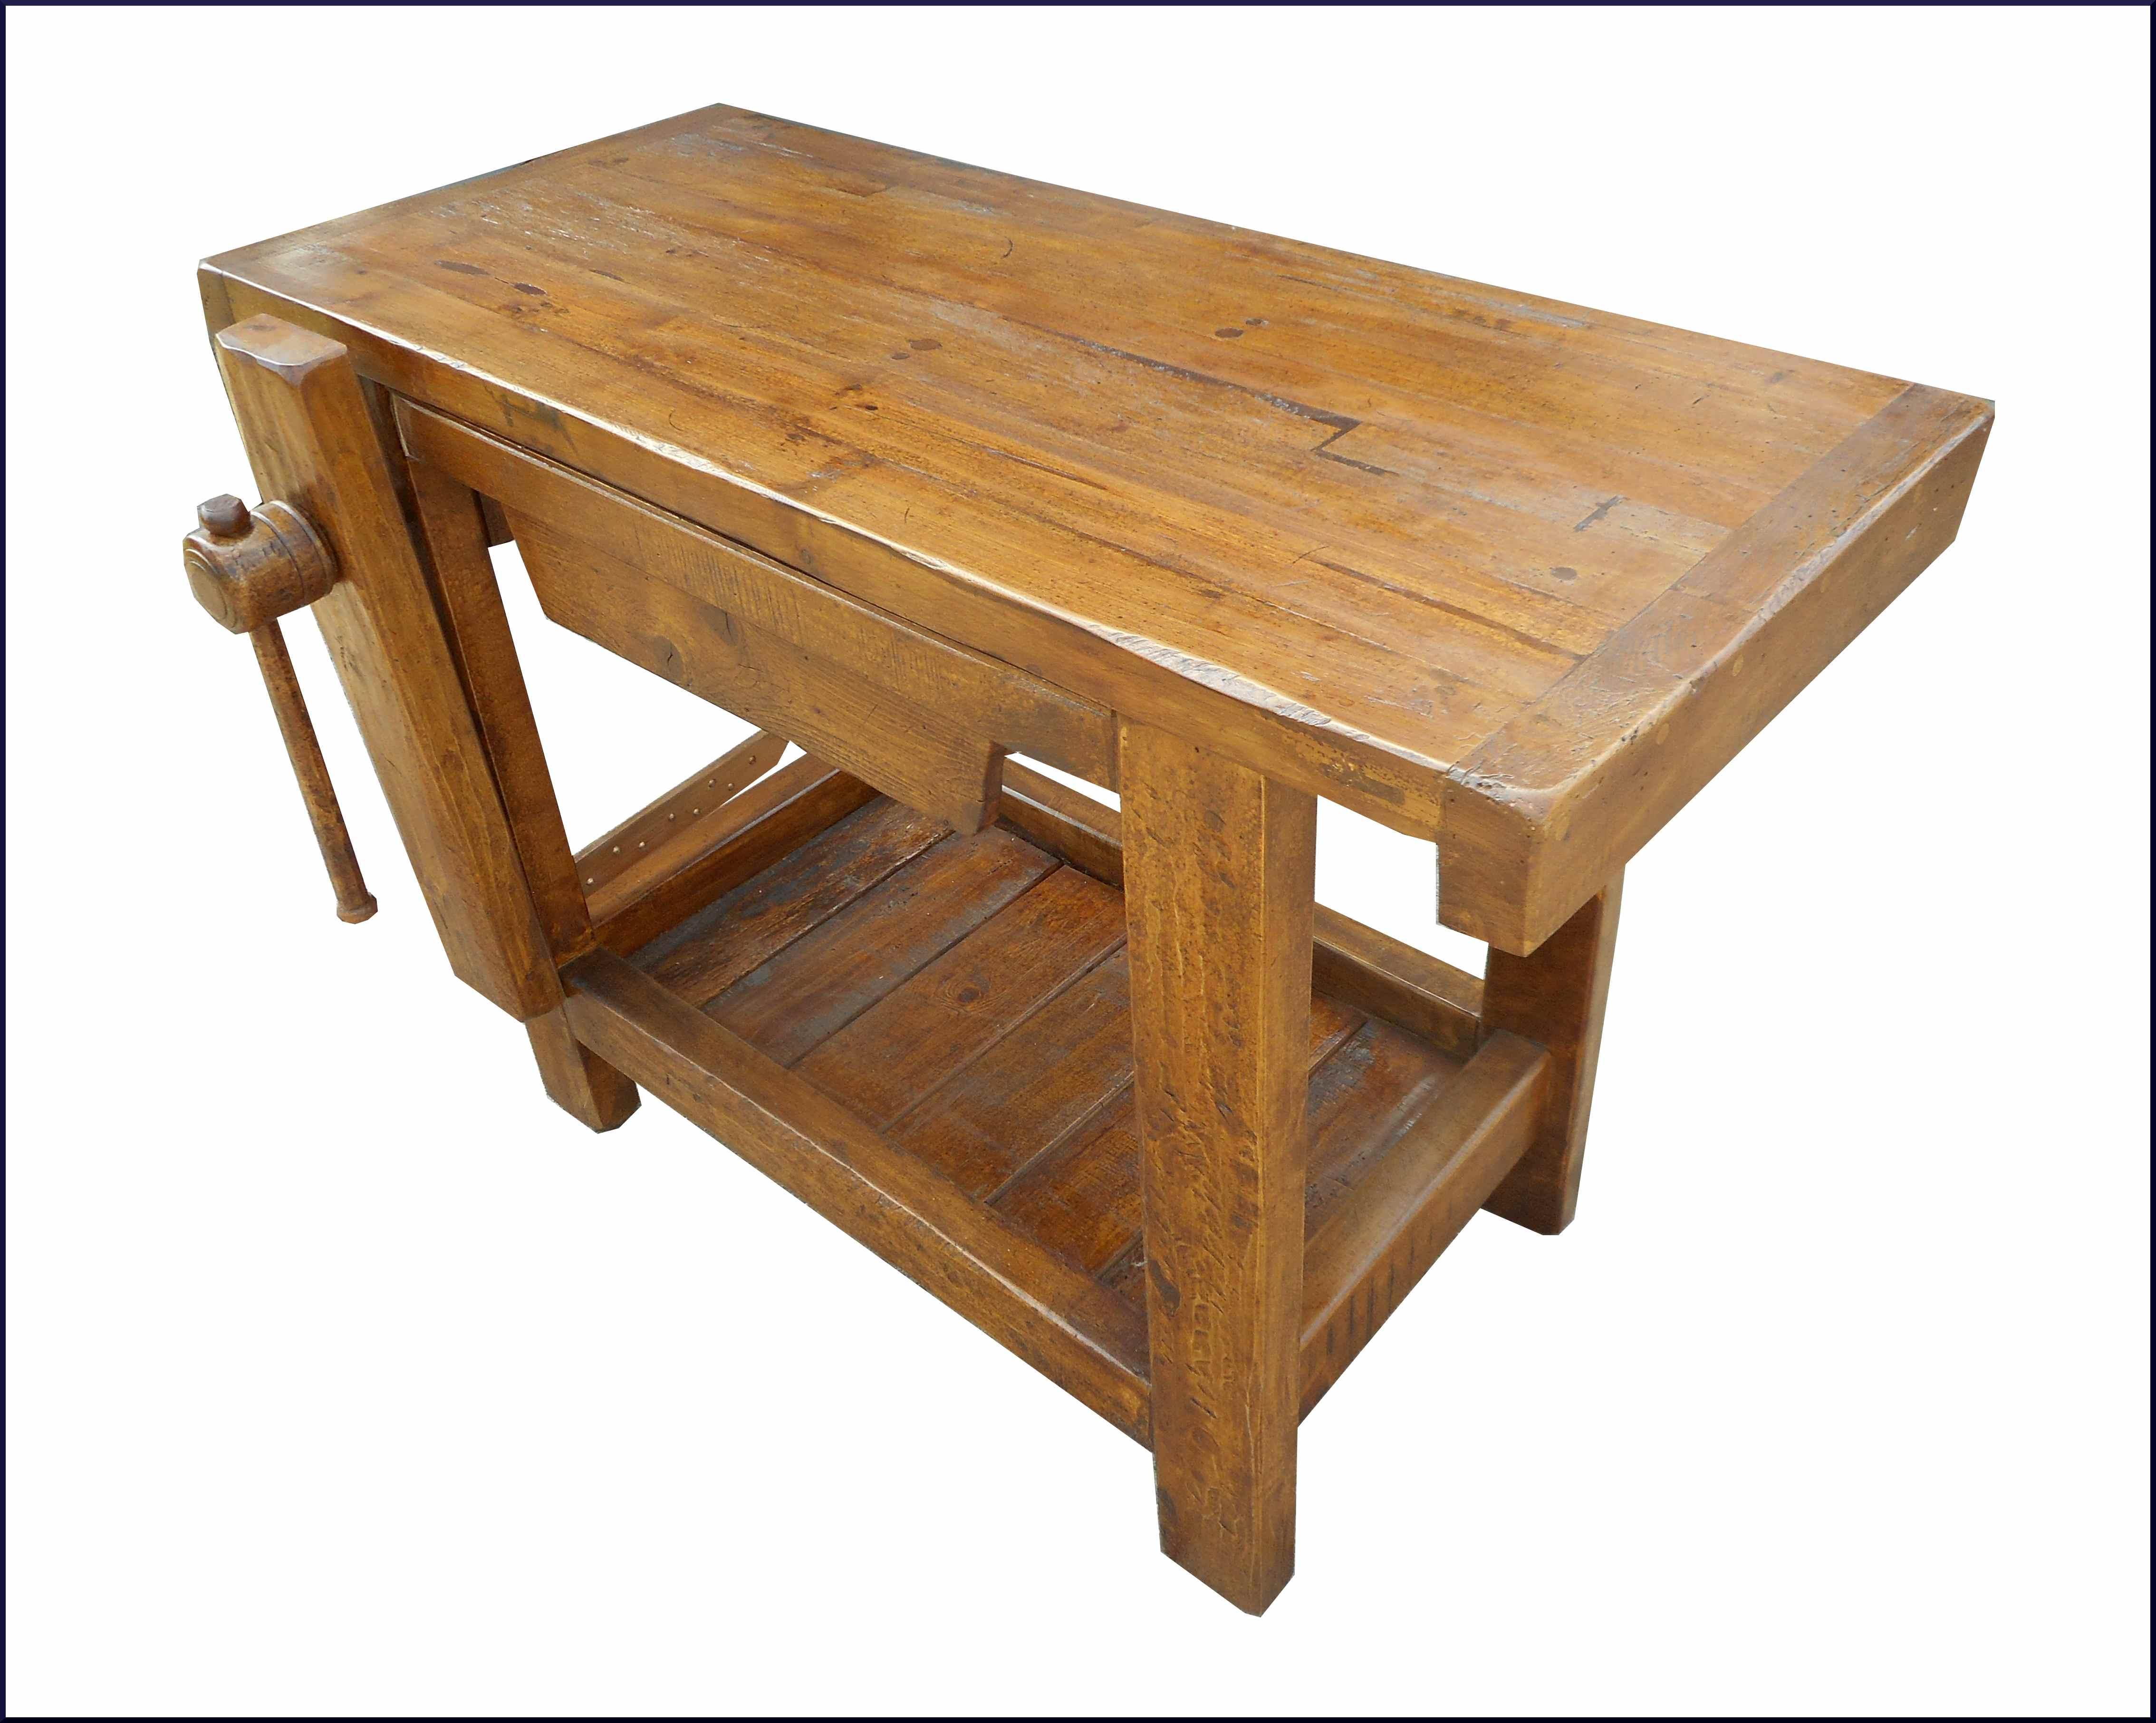 News mobili antichi restaurati e riprodotti la commode di davide corno - Tavolo da falegname usato ...